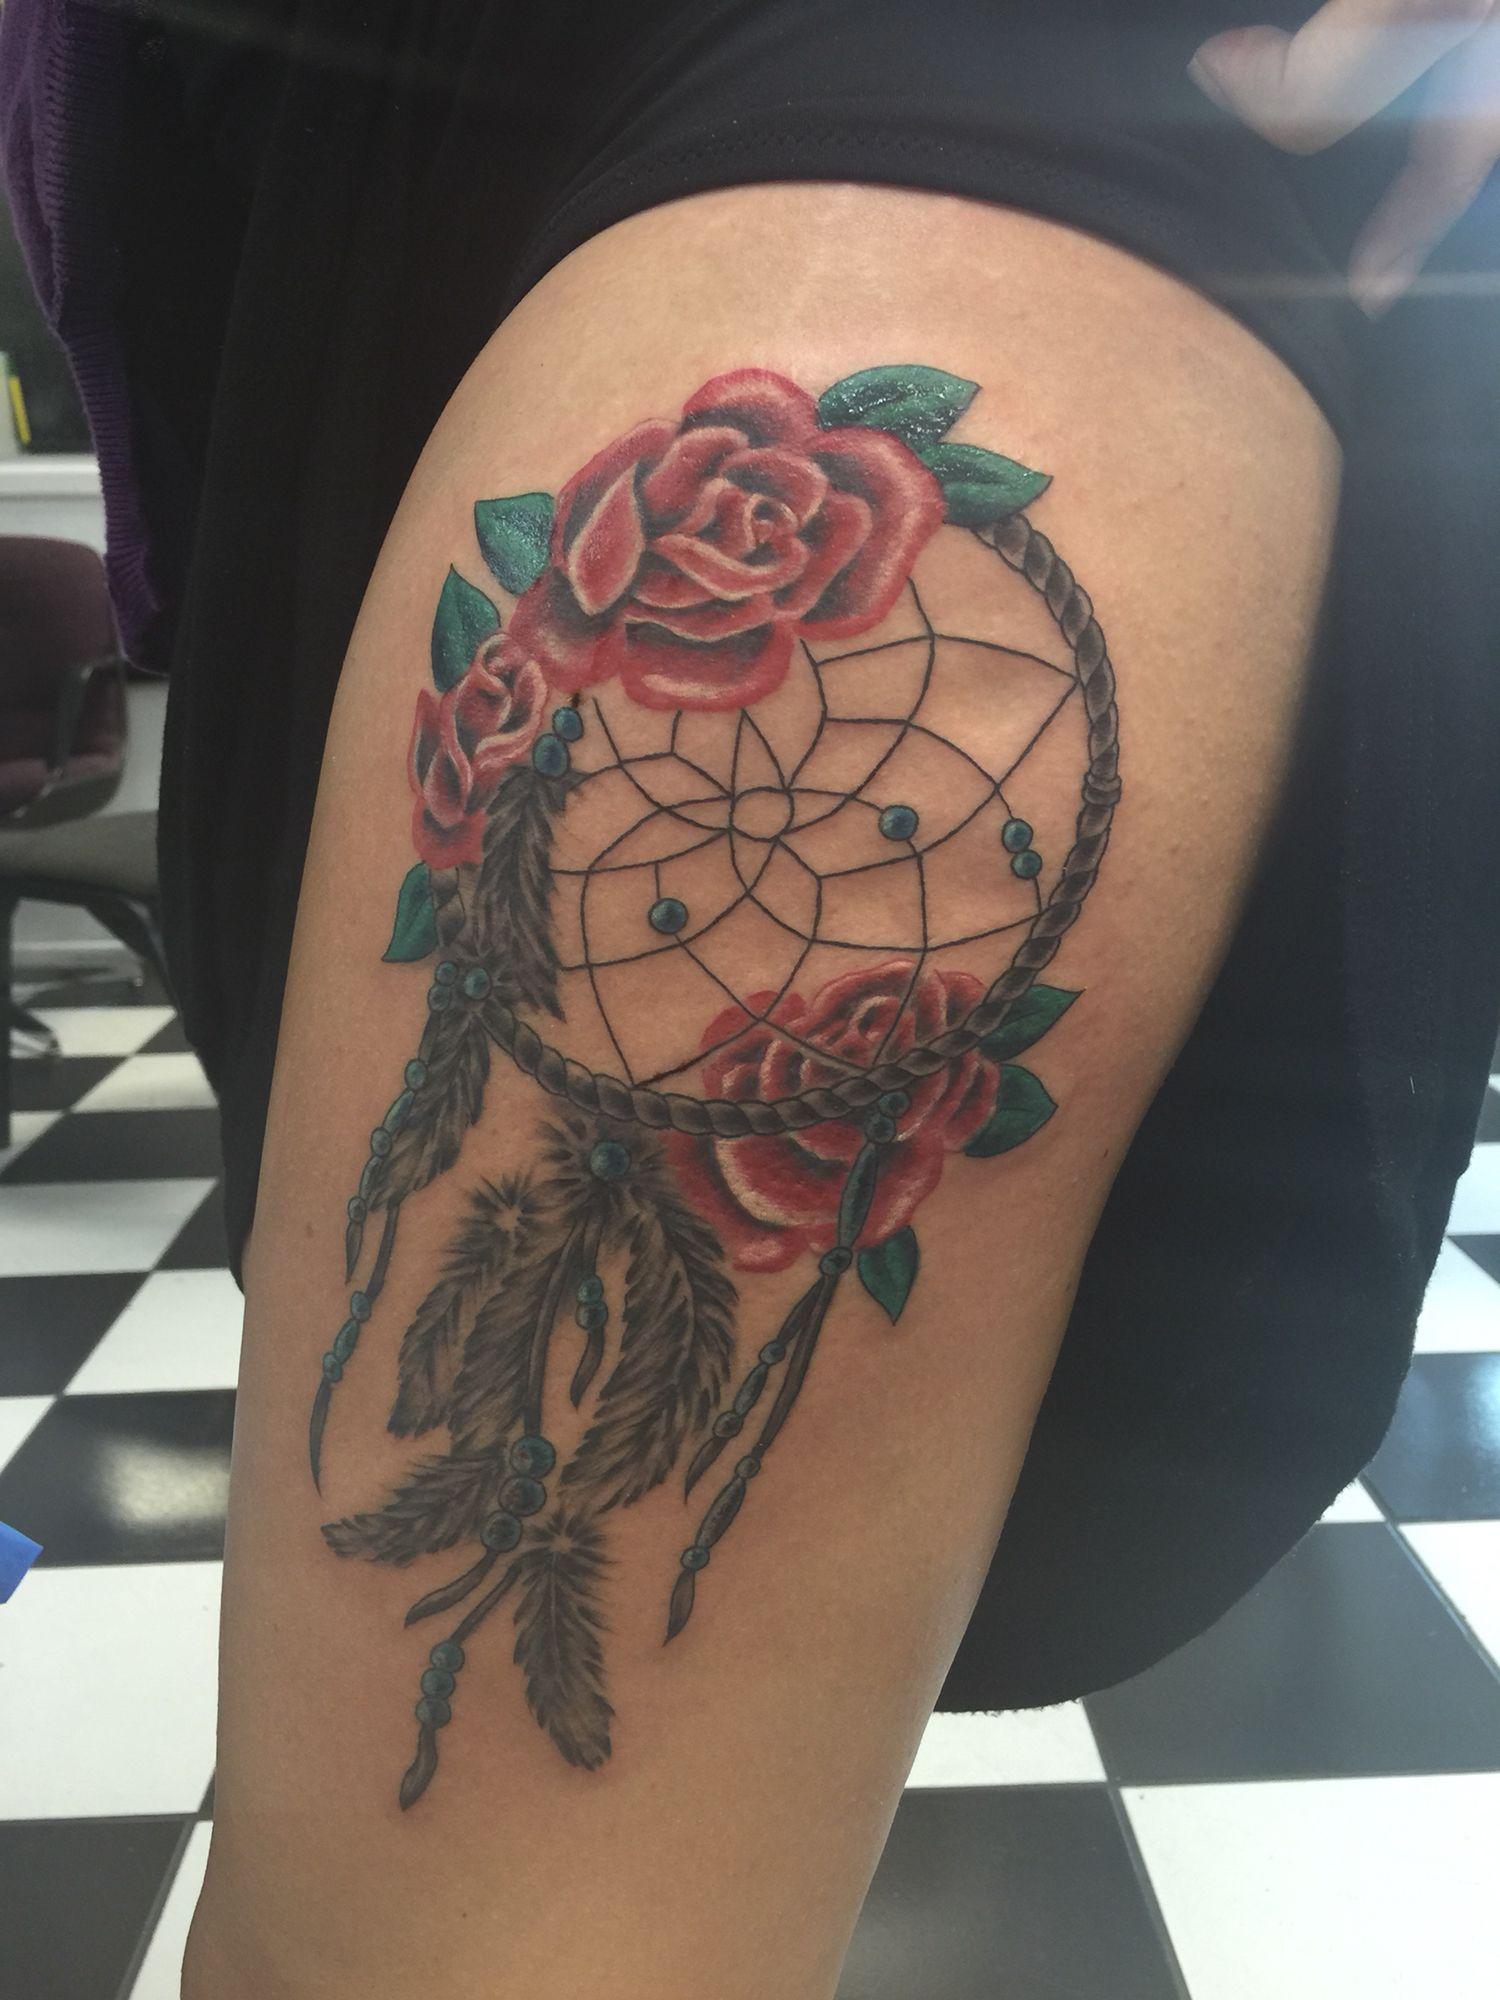 New tattoo cute ) Tattoos, Sweet tattoos, New tattoos